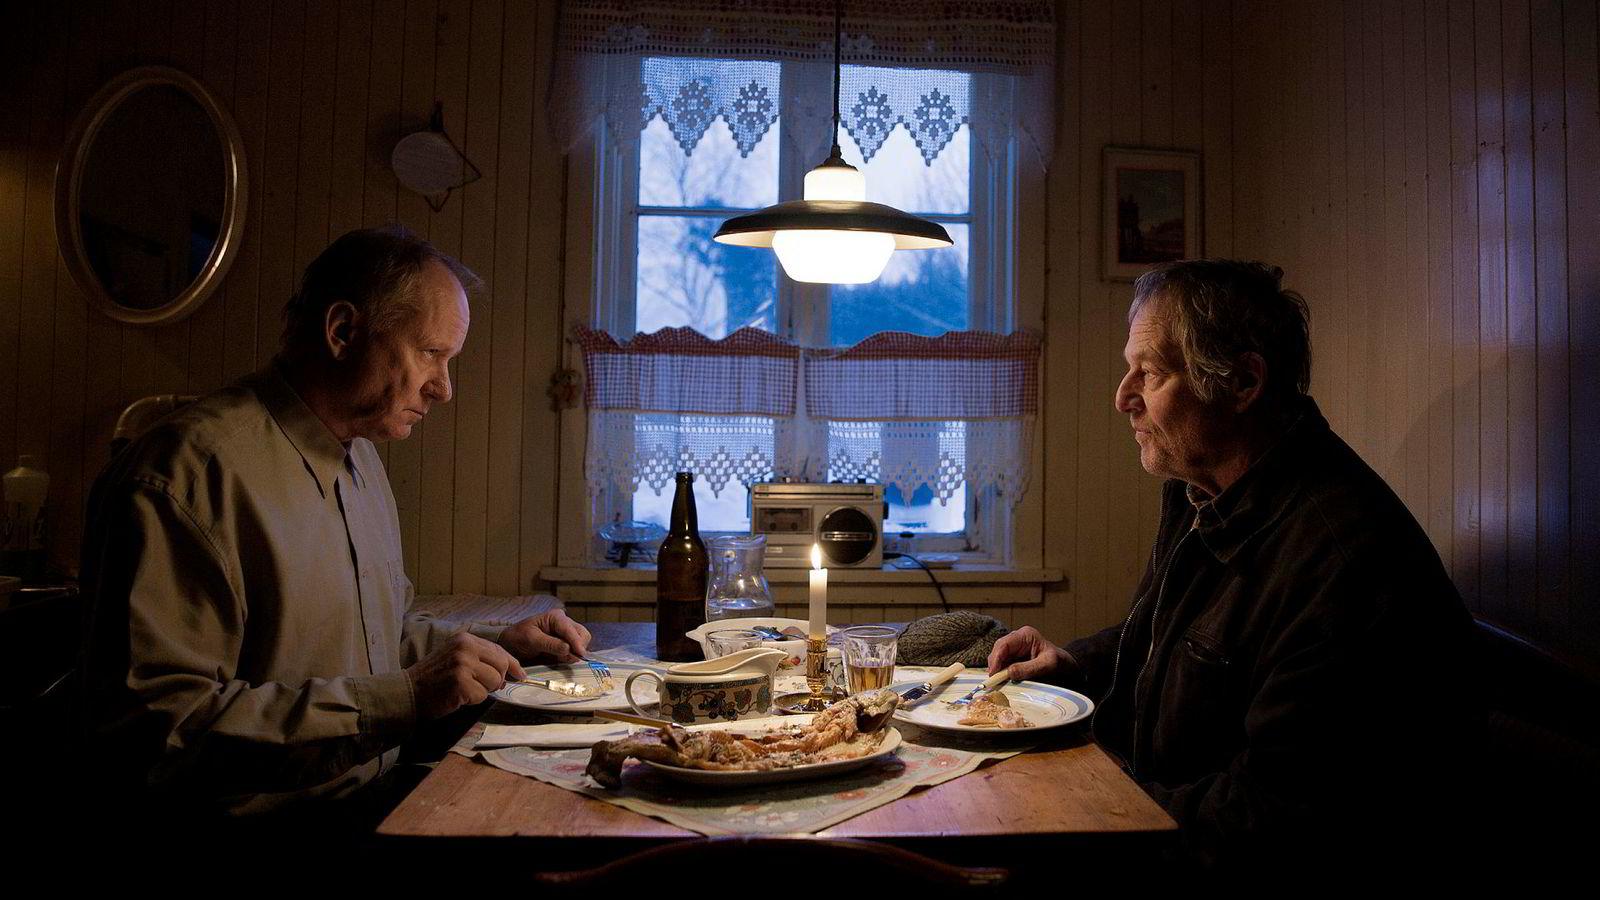 Stellan Skarsgård og Bjørn Floberg spiller hovedrollene i den norske filmen «Ut og stjæle hester» som har premiere 8. mars. Produksjonsselskapet bak filmen, 4 1/2 Fiksjon as, har nettopp hentet to millioner kroner i likviditetslån.